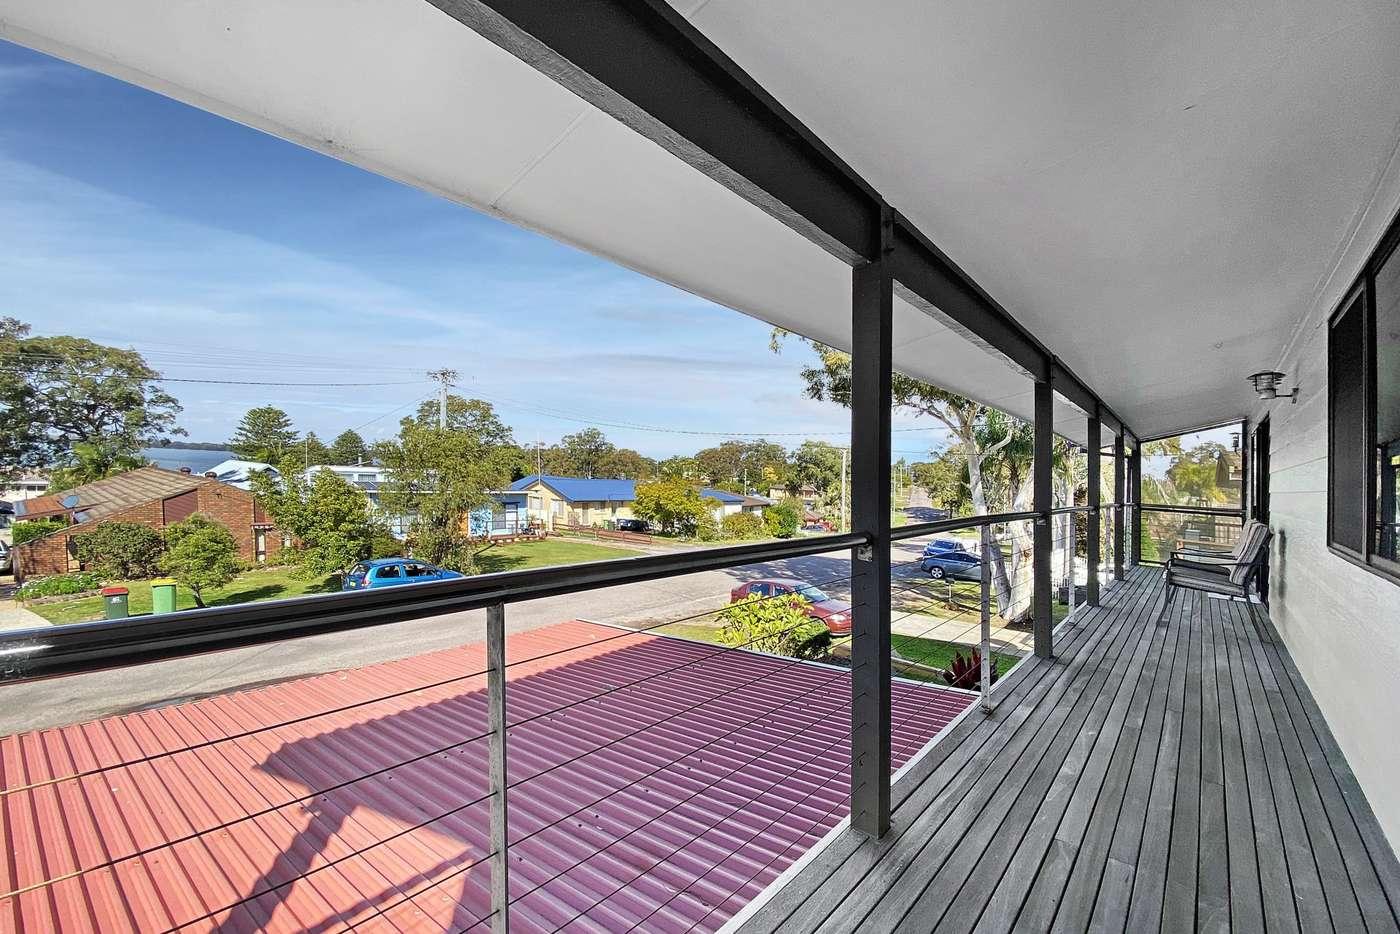 Main view of Homely house listing, 58 Huene Avenue, Halekulani NSW 2262